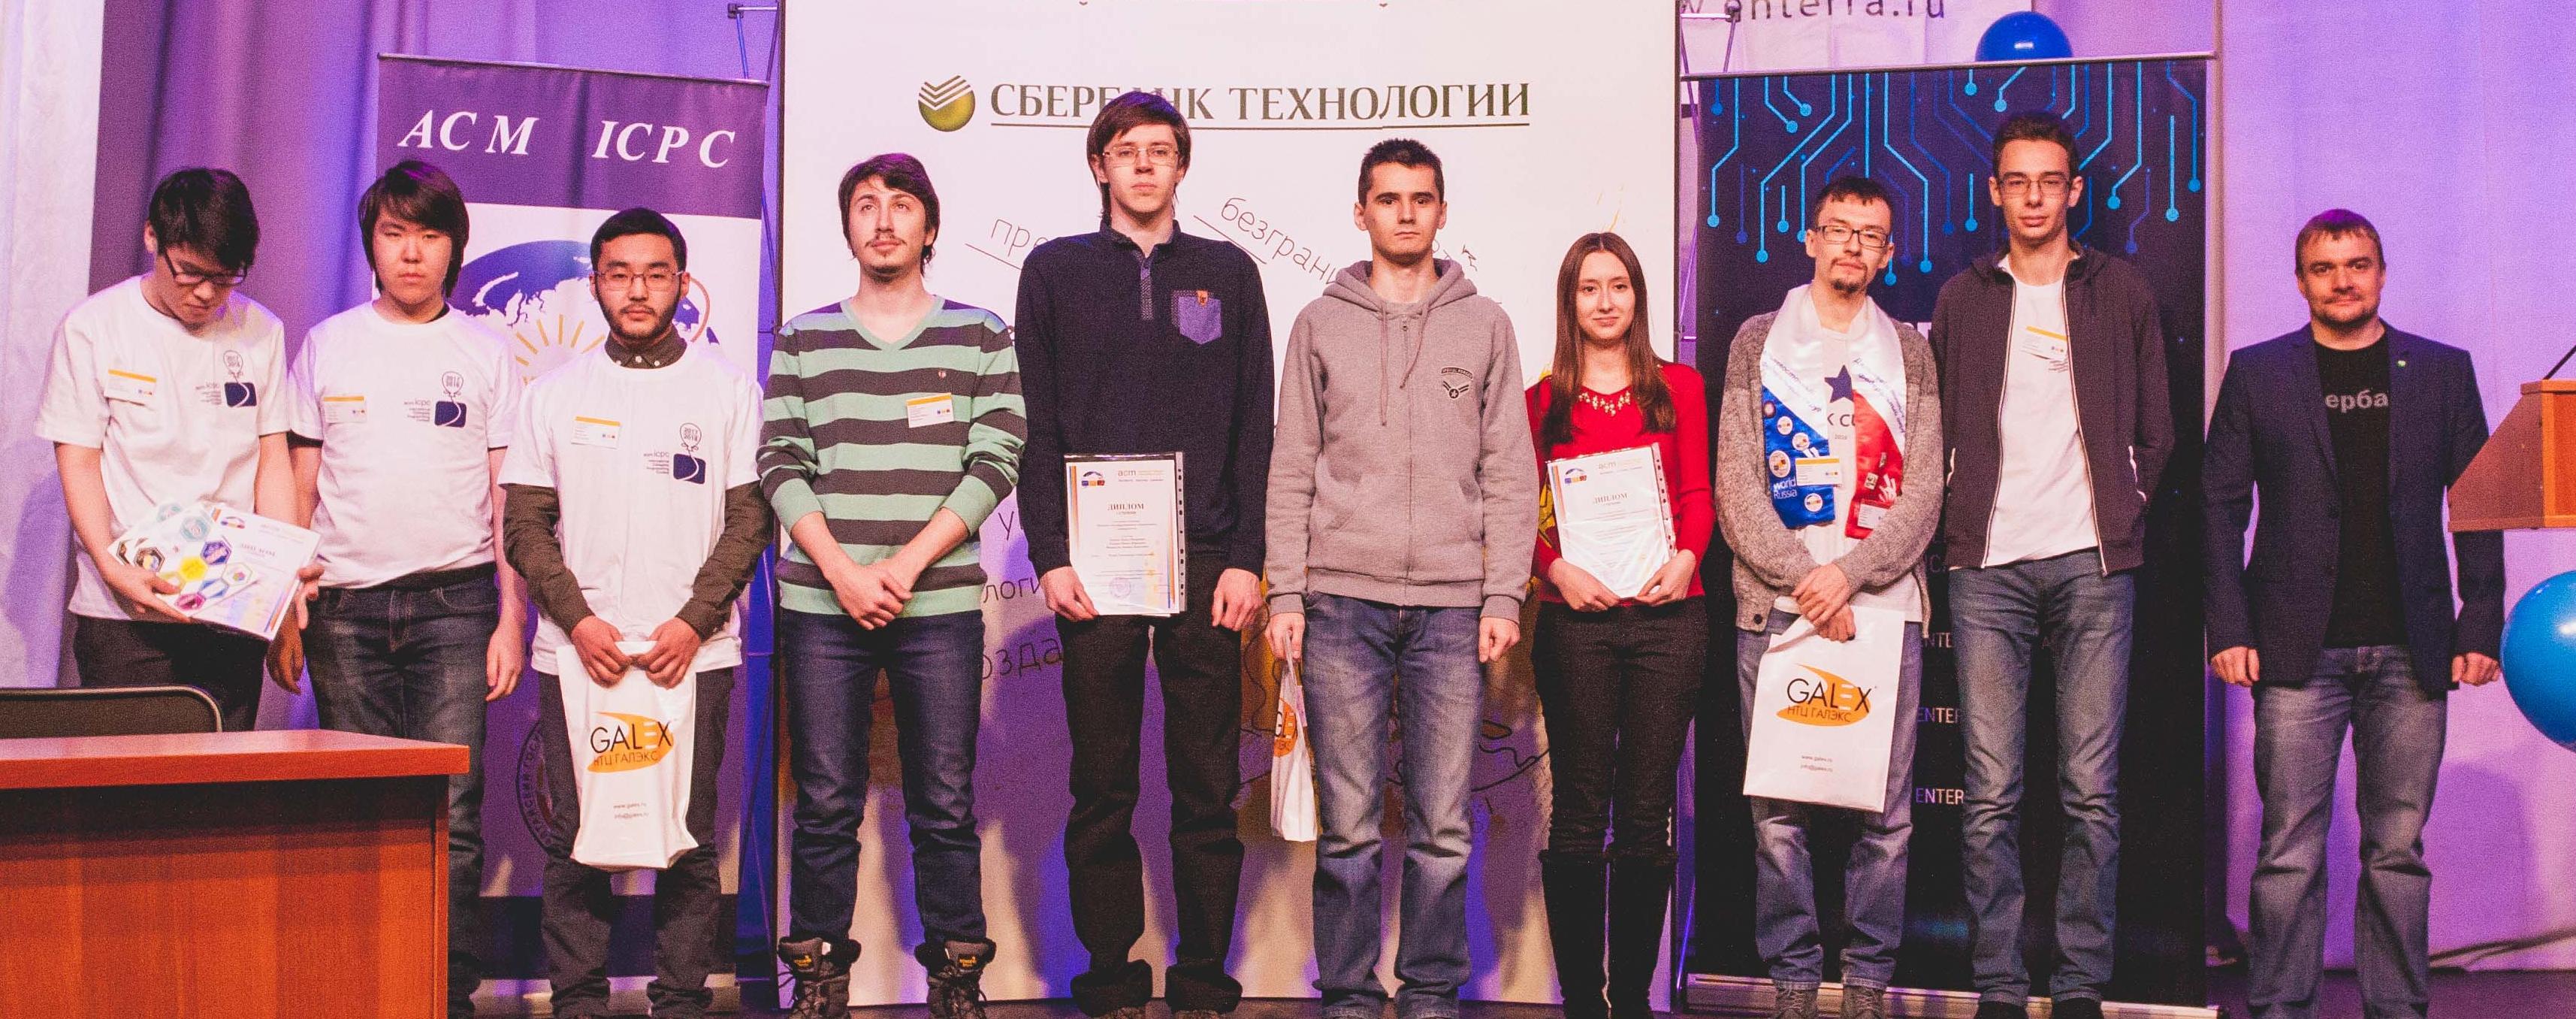 http://www.s-vfu.ru/upload/iblock/604/60463f2a3206ddd3dba921281a758fd7.jpg